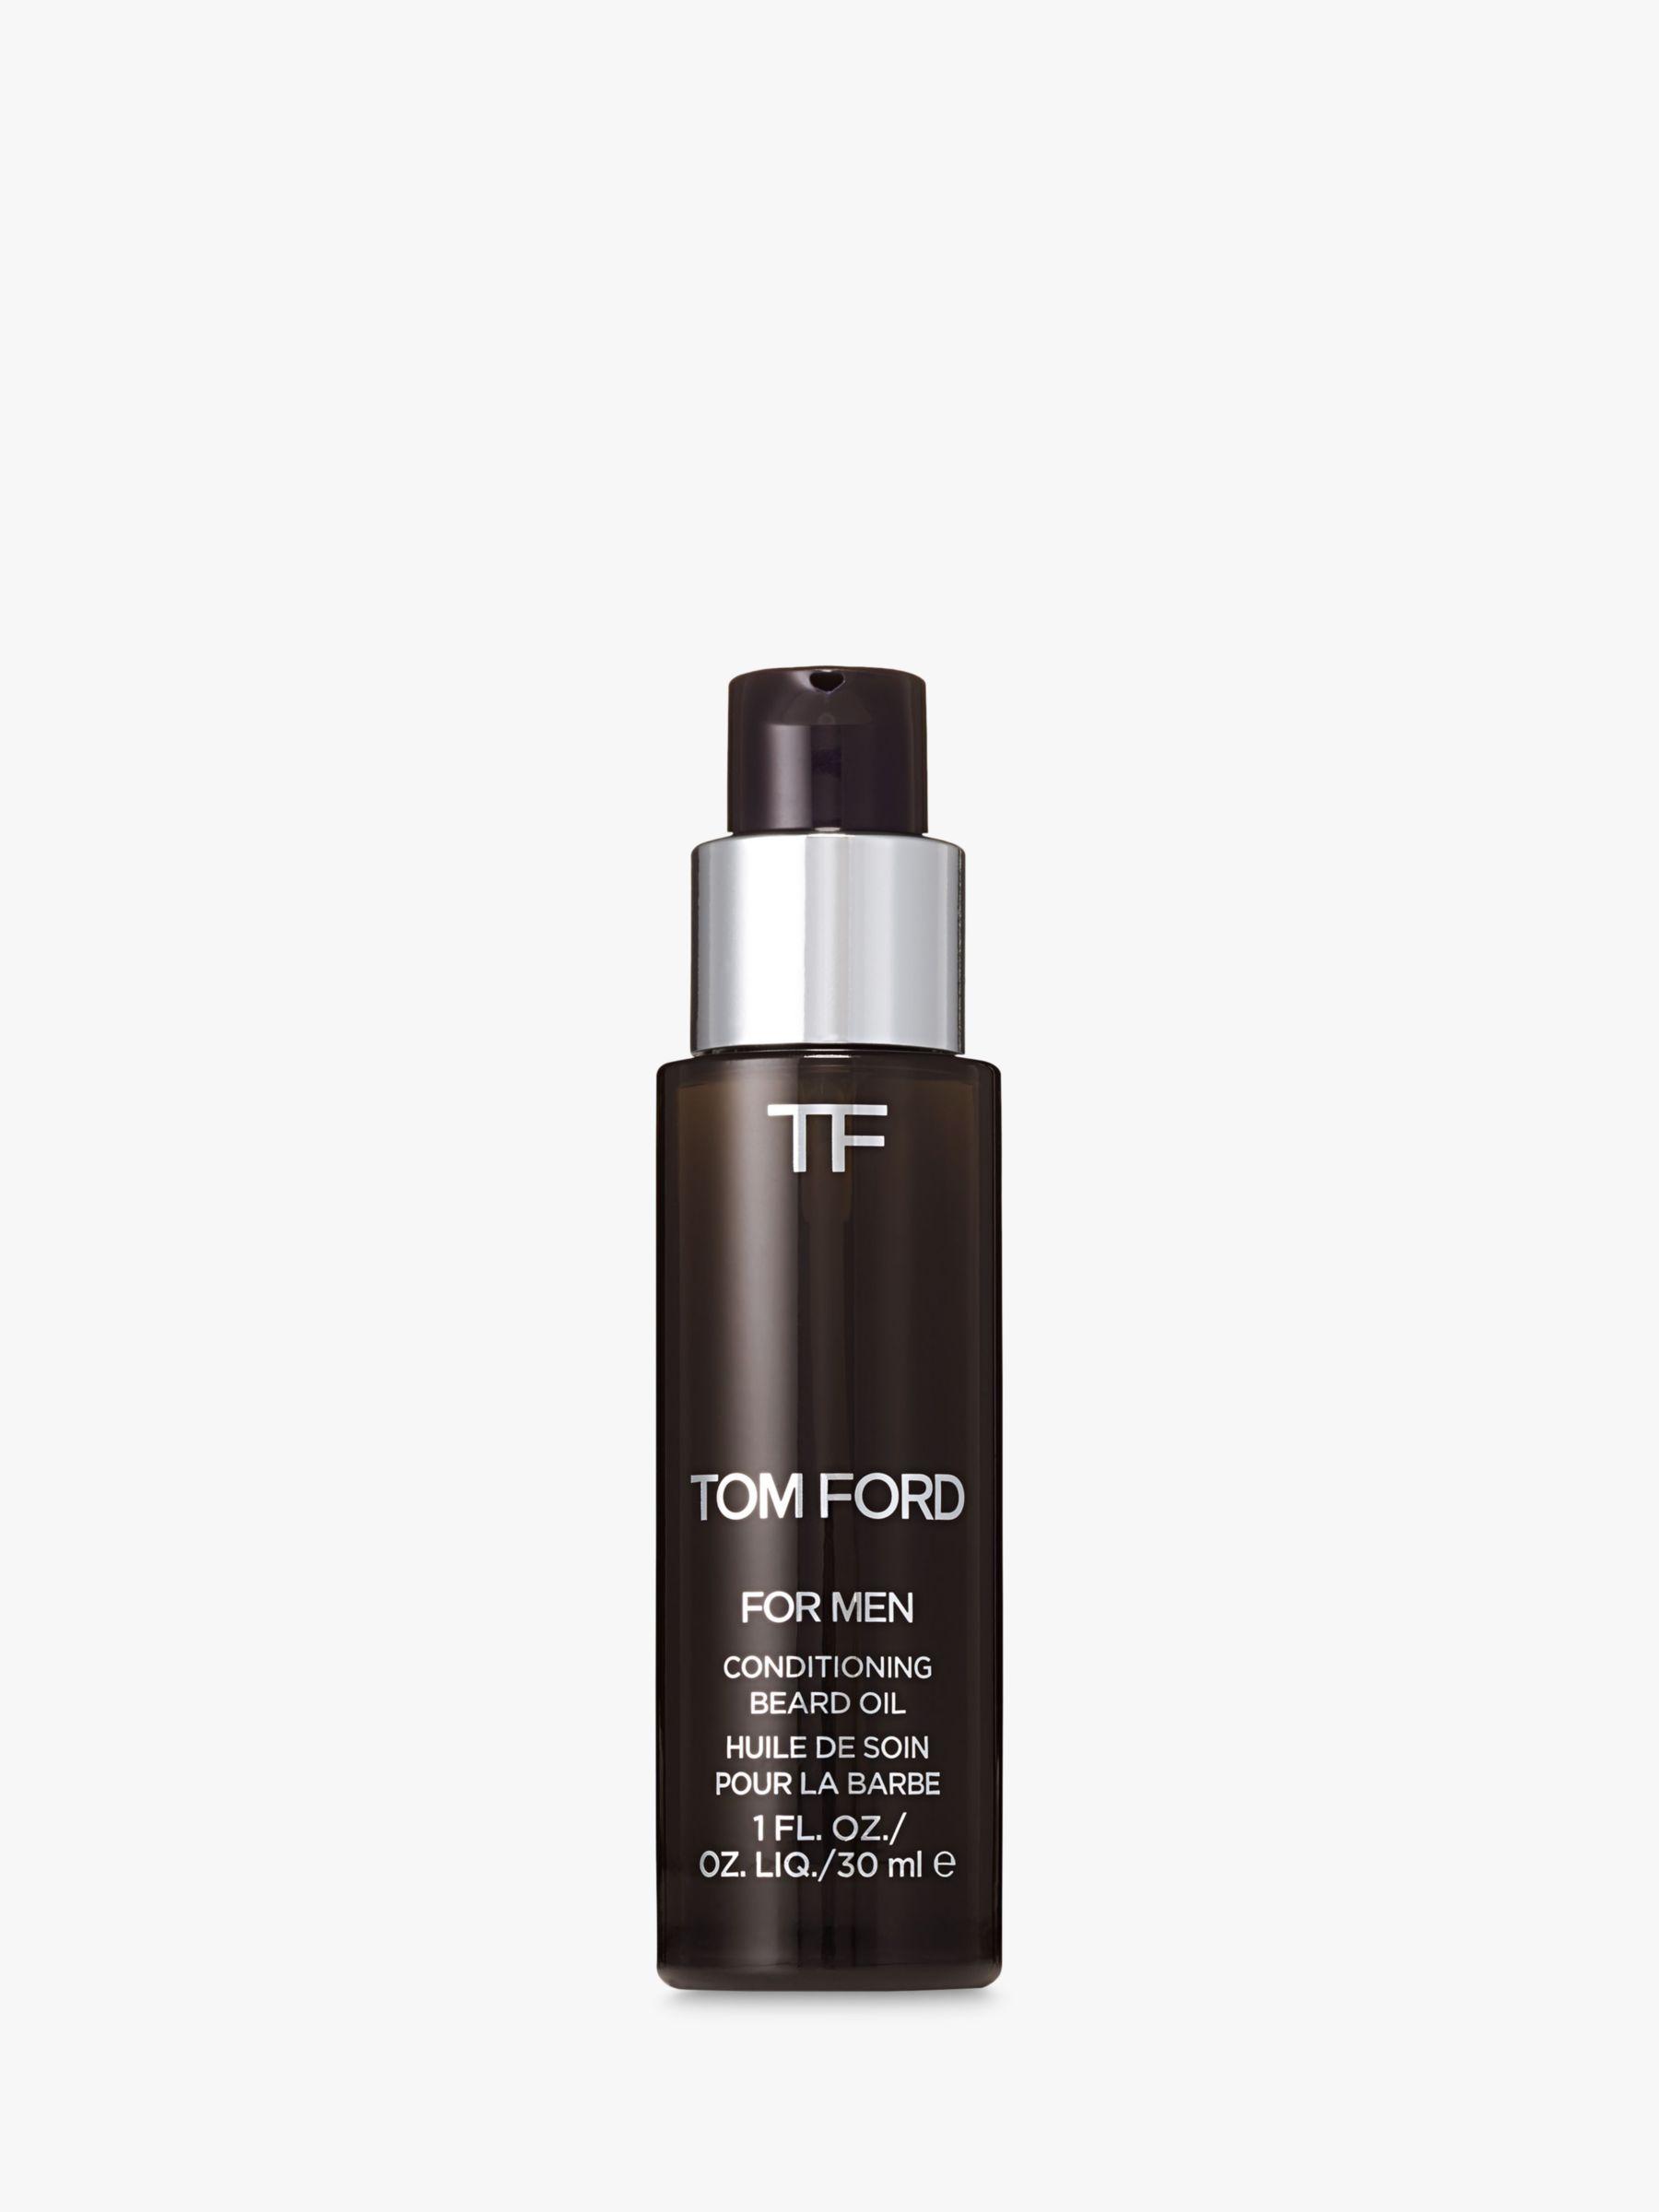 Tom Ford TOM FORD For Men Neroli Portofino Conditioning Beard Oil, 30ml